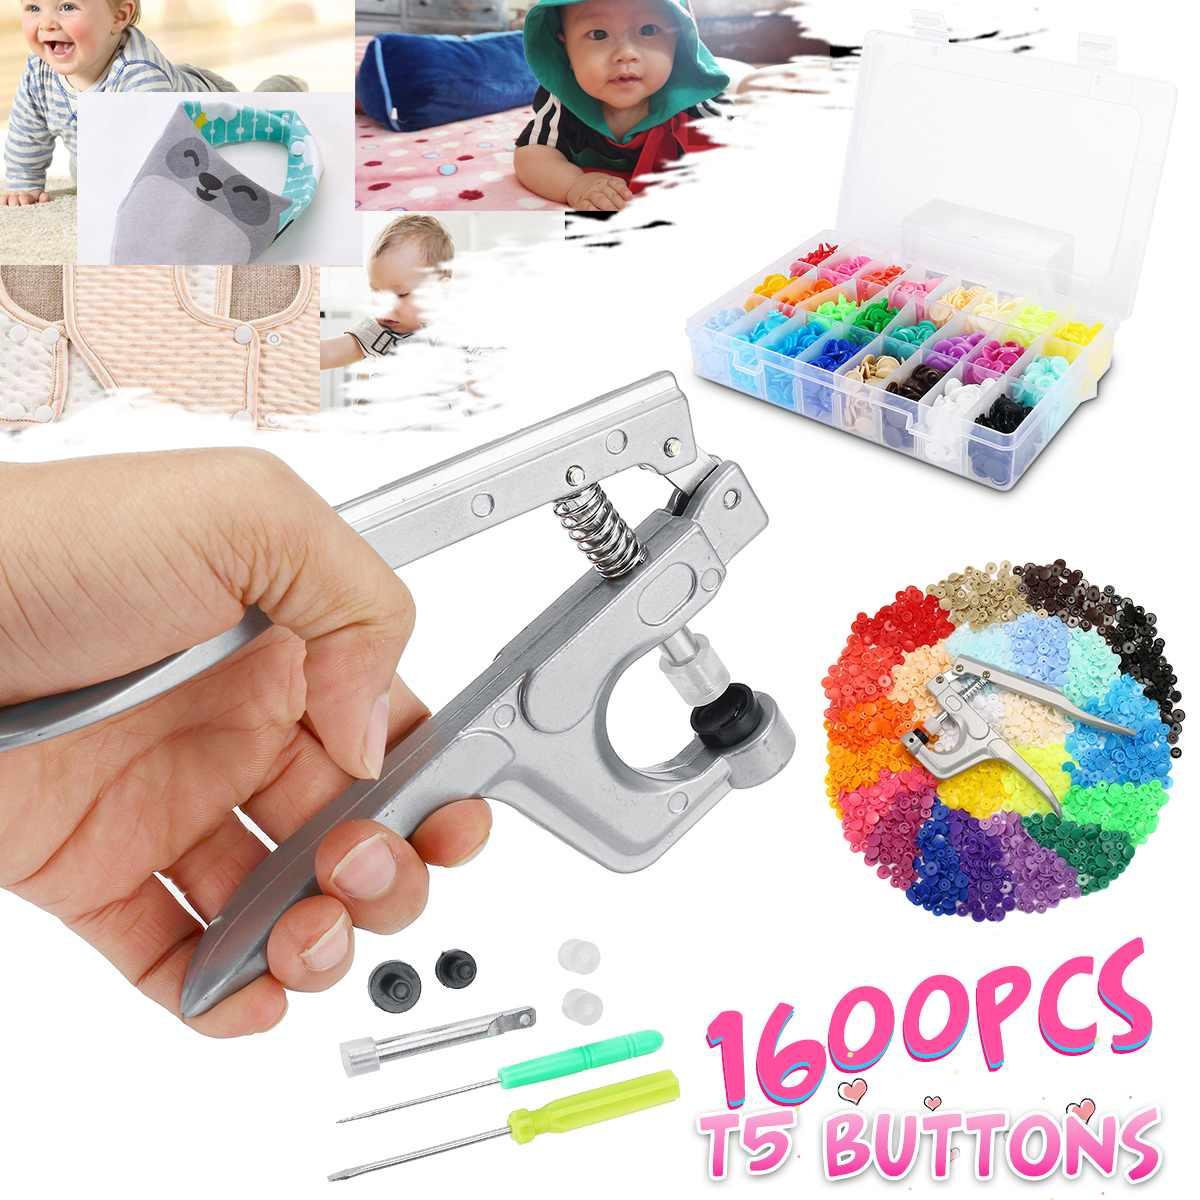 1600 stücke Metall Drücken Zangen Werkzeuge kinder kleidung taste installation Taste Fastener Zangen kit 24 farbe von T5 vier schnalle